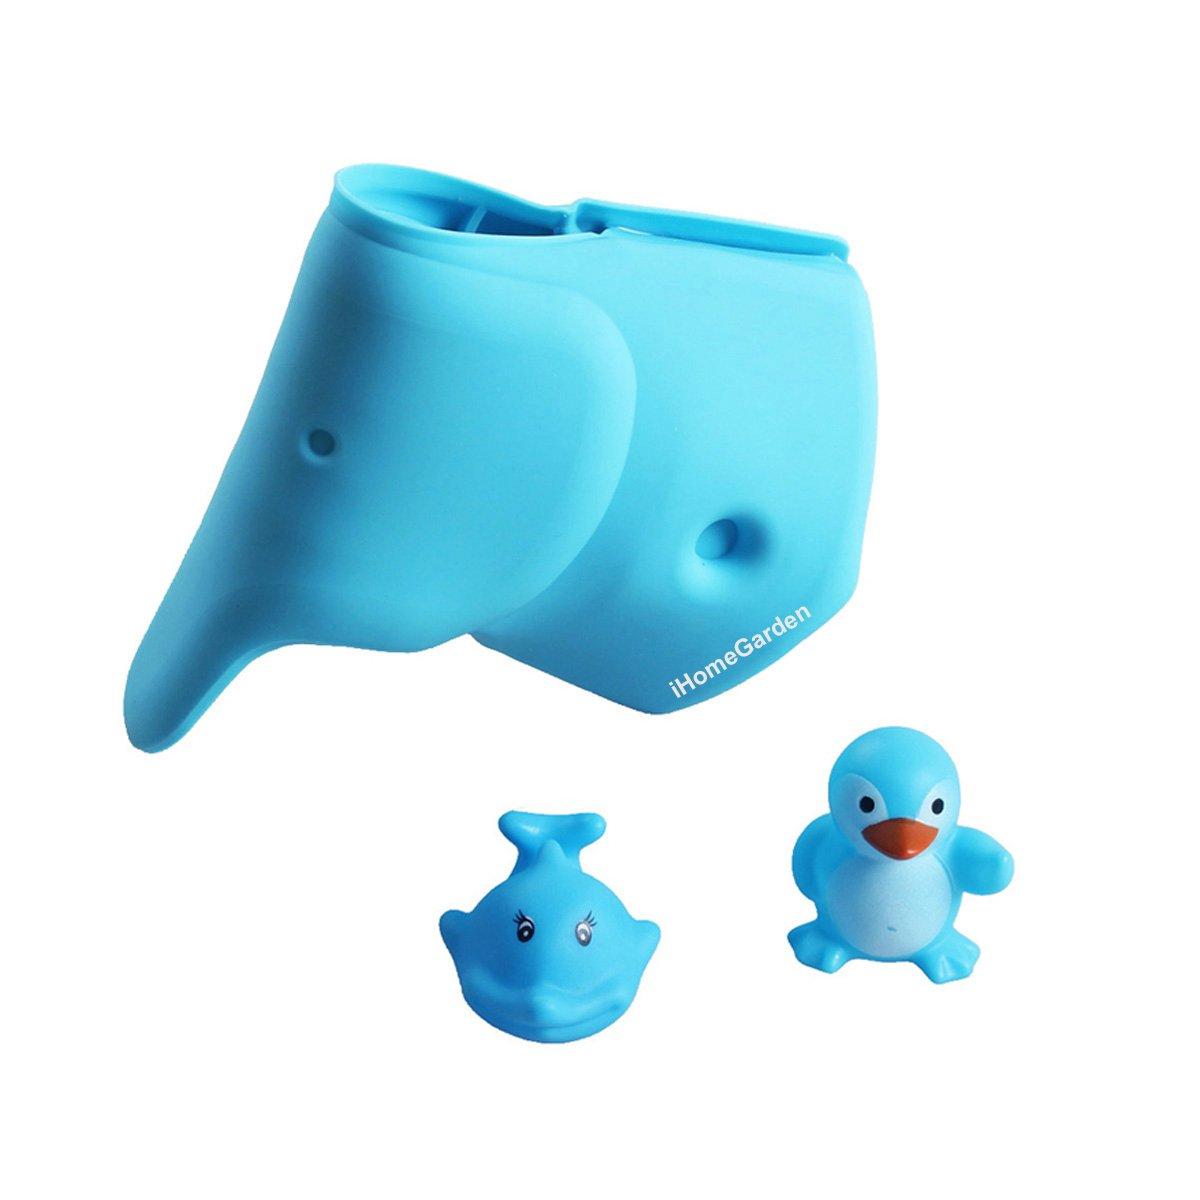 Amazon.com : Bath Spout Cover - Bathtub Faucet Cover for Kid - Bath ...